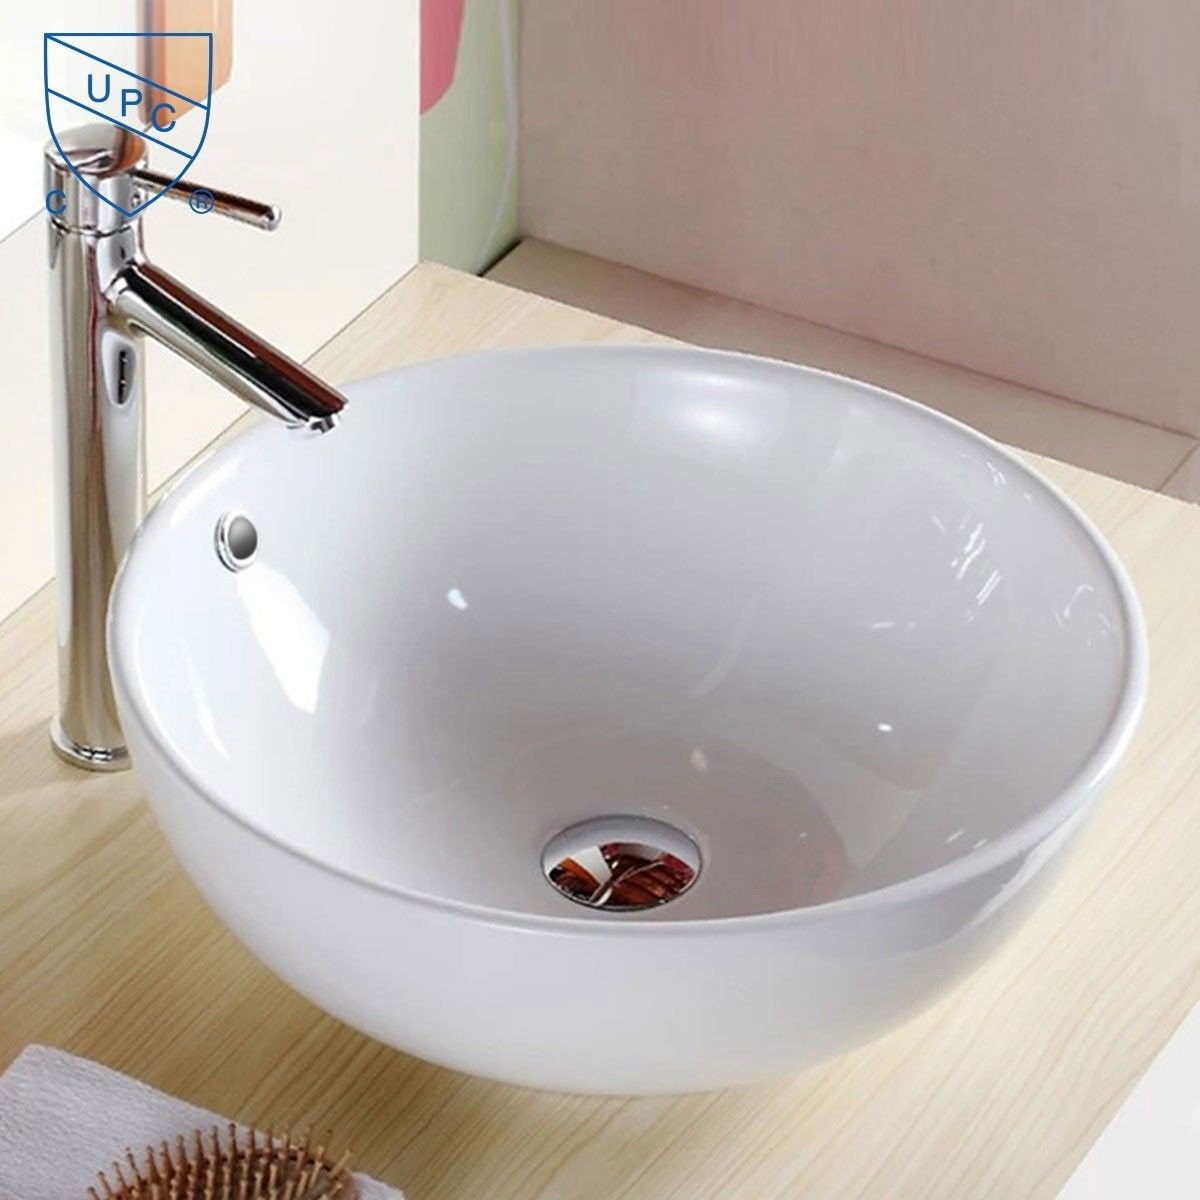 Lavabo vasque rond de dessus de comptoir en c ramique - Vasque cuisine a poser ...